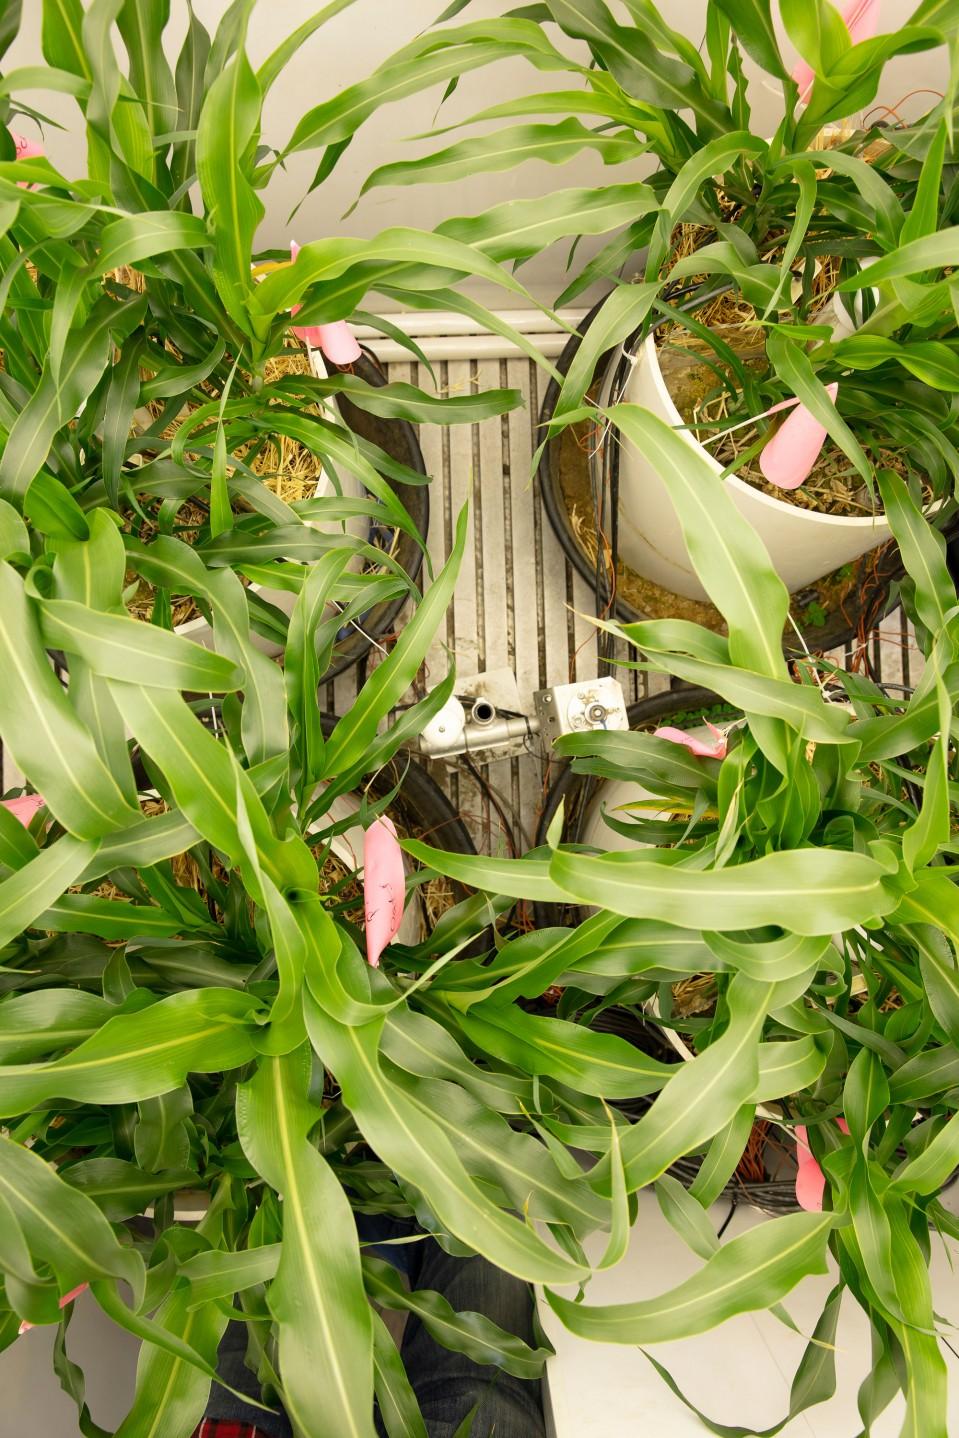 Photo of indoor-grown corn plants